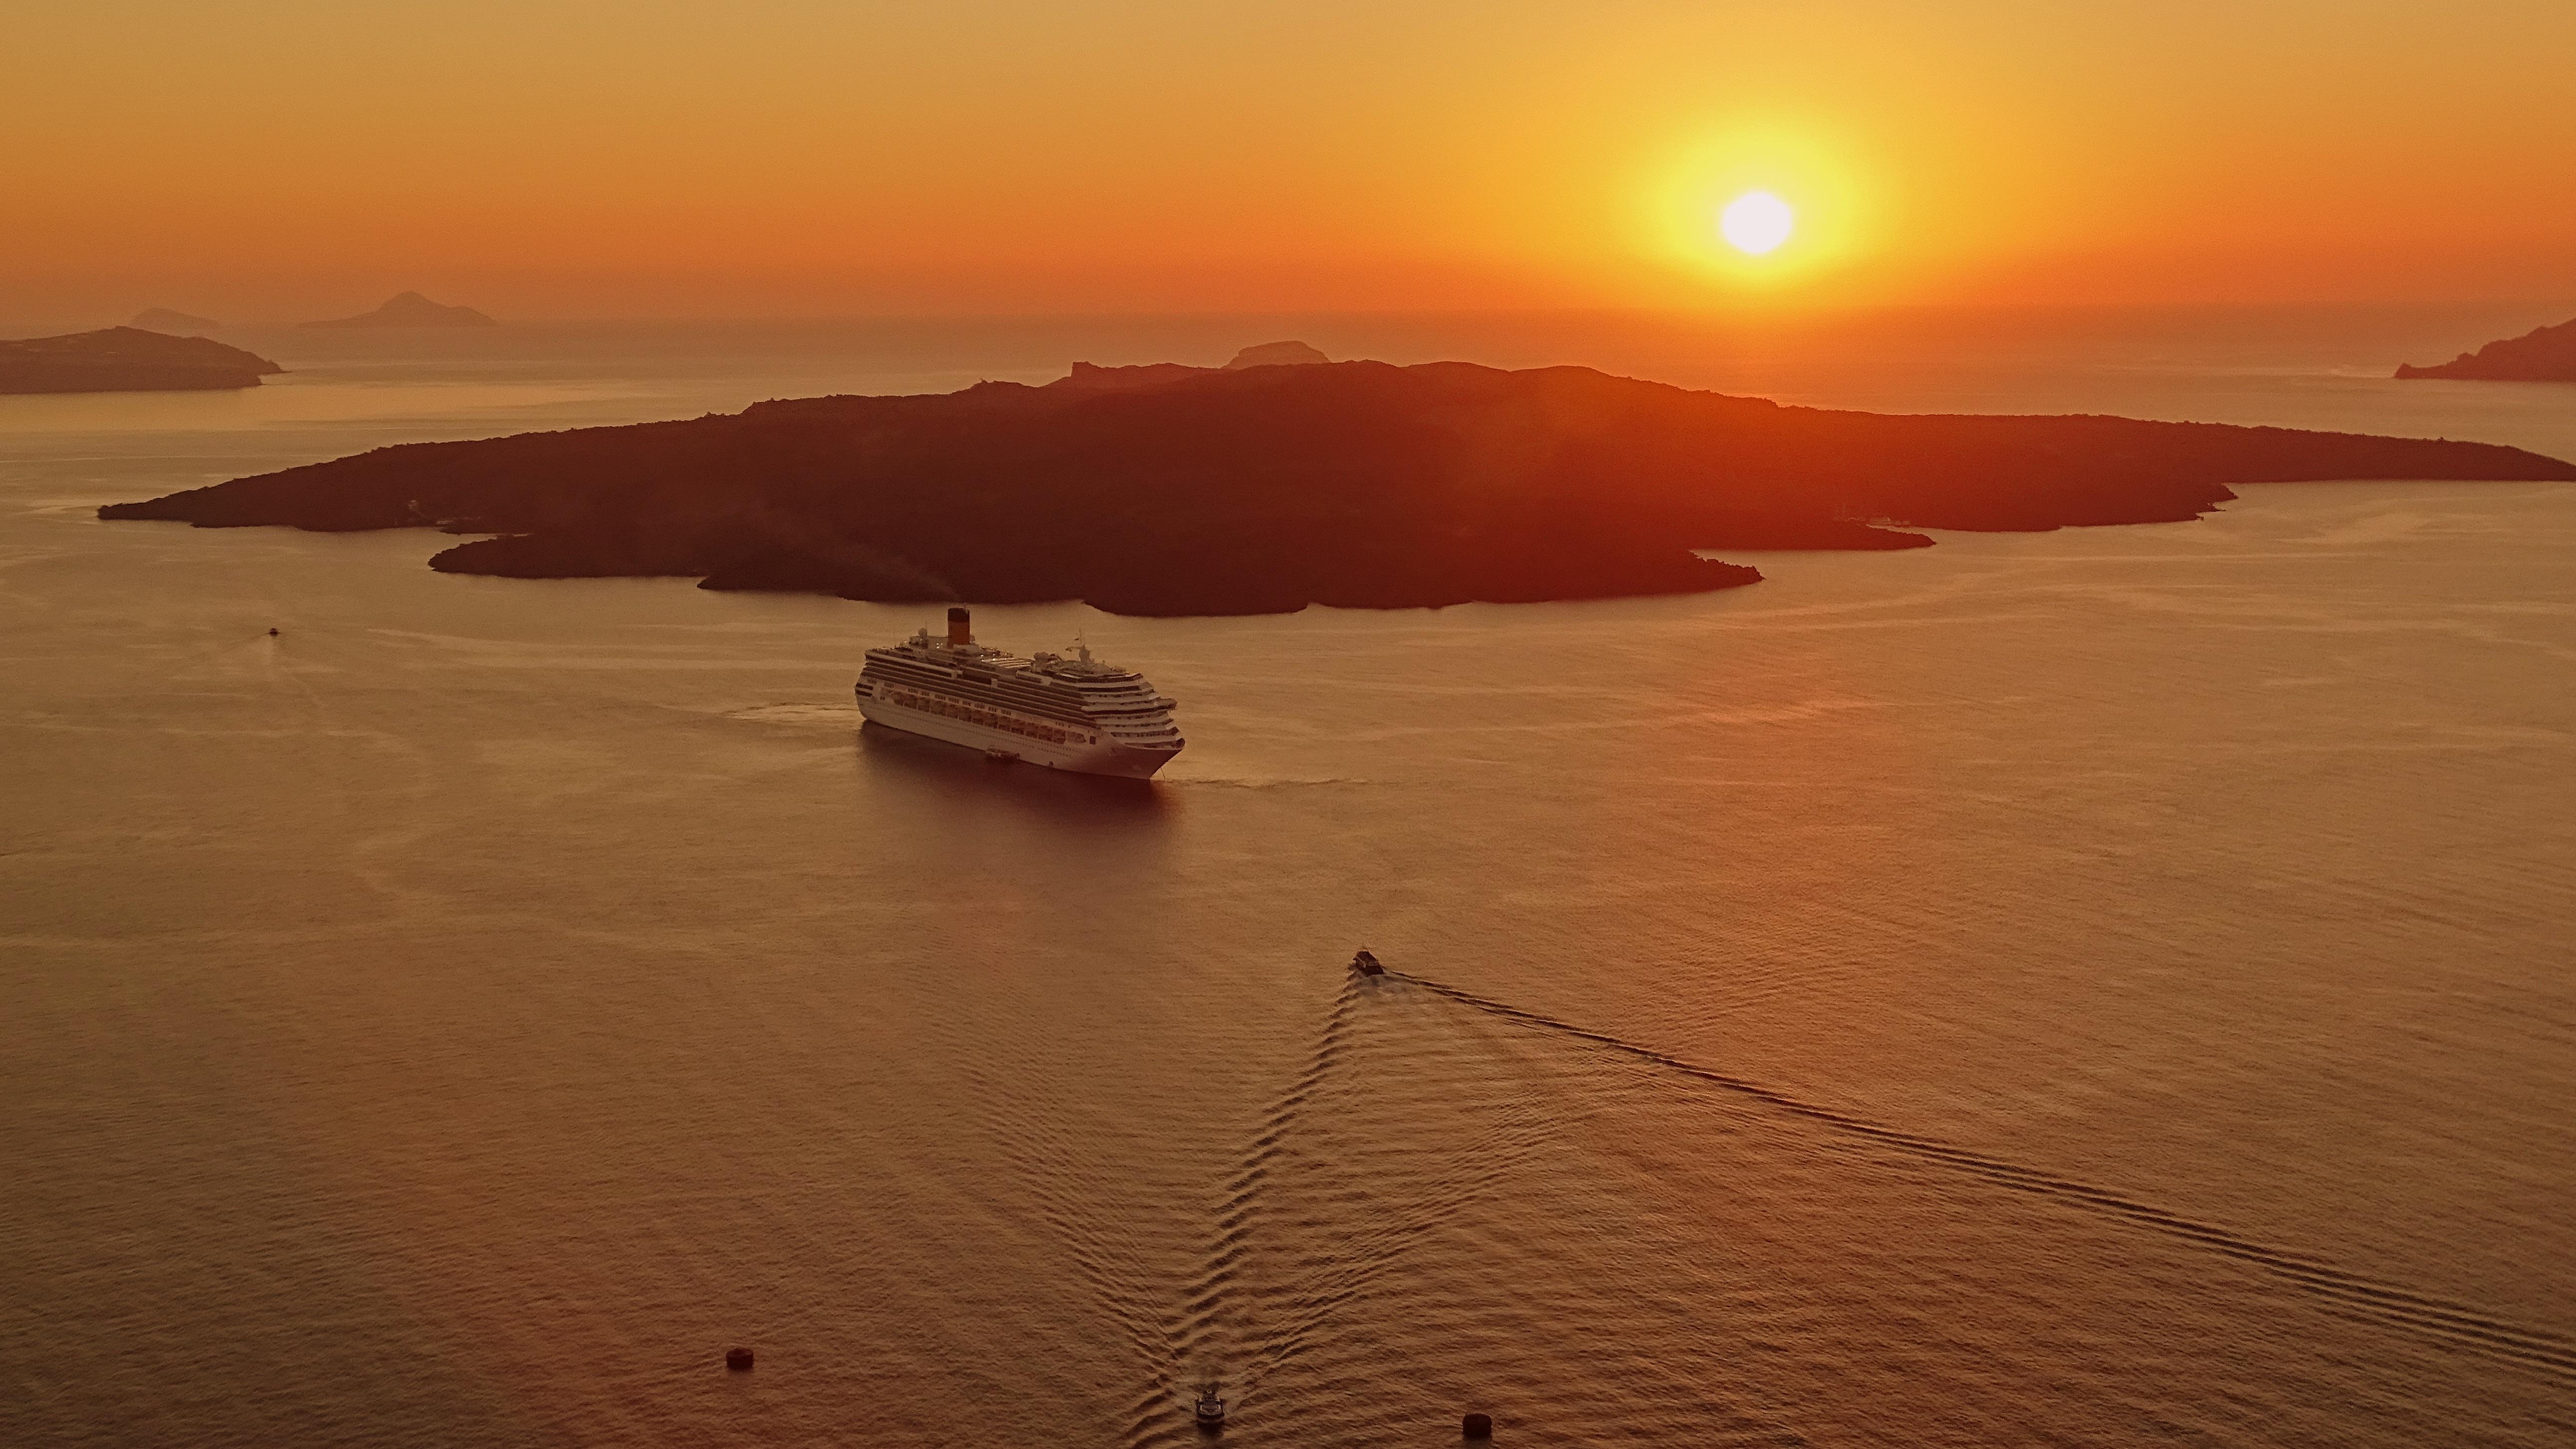 sunset-around-santorini-on-a-cruise-boat